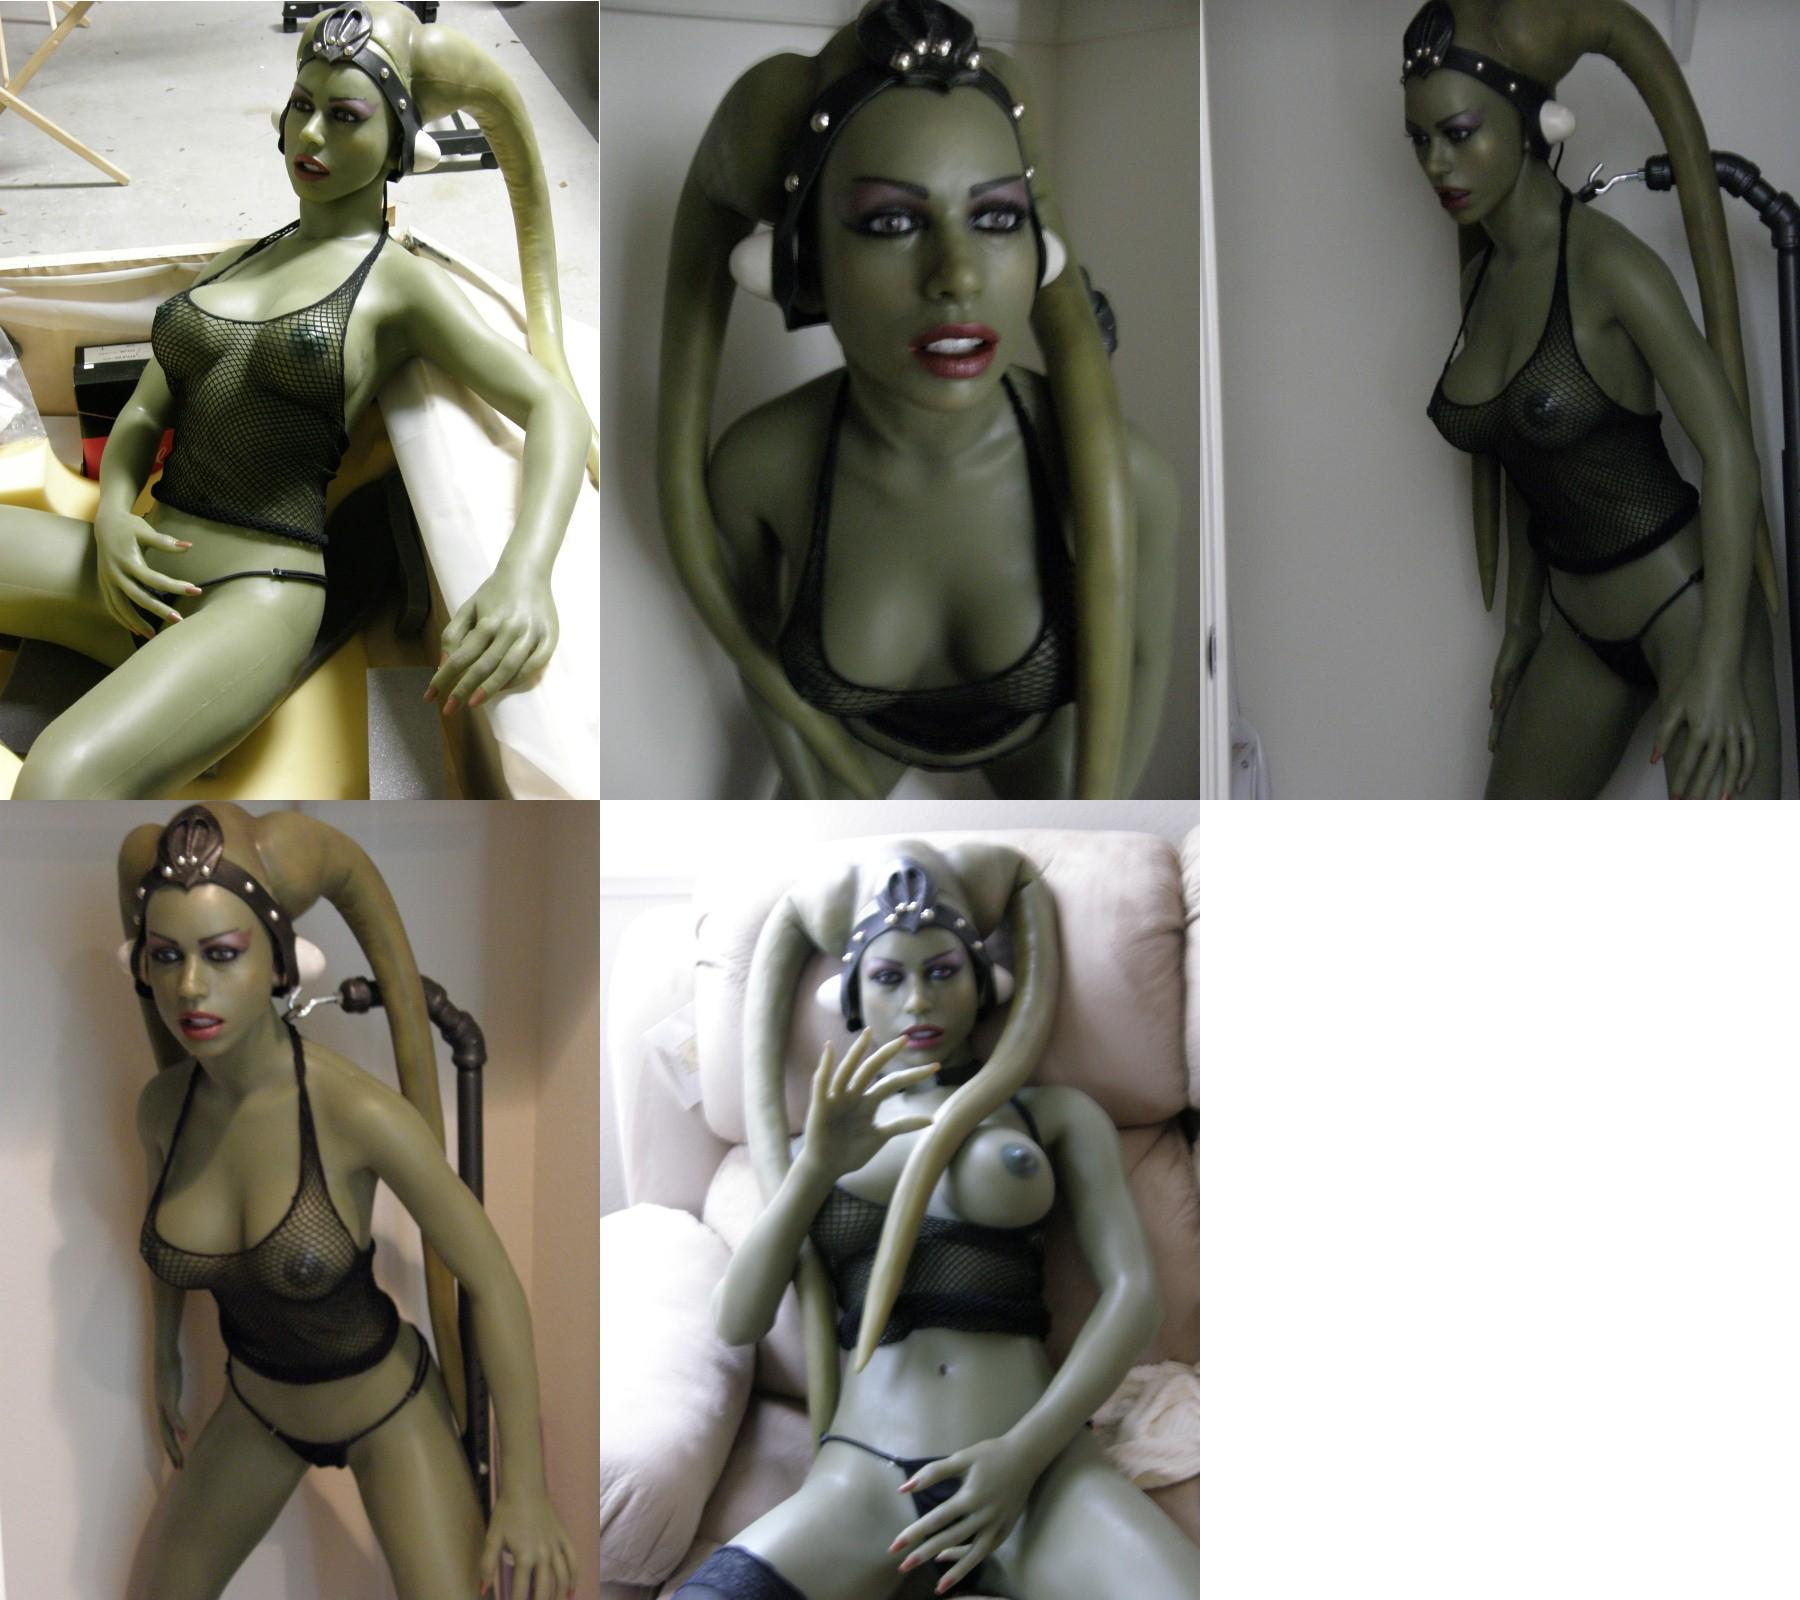 Hot pornstar babe picture galleries